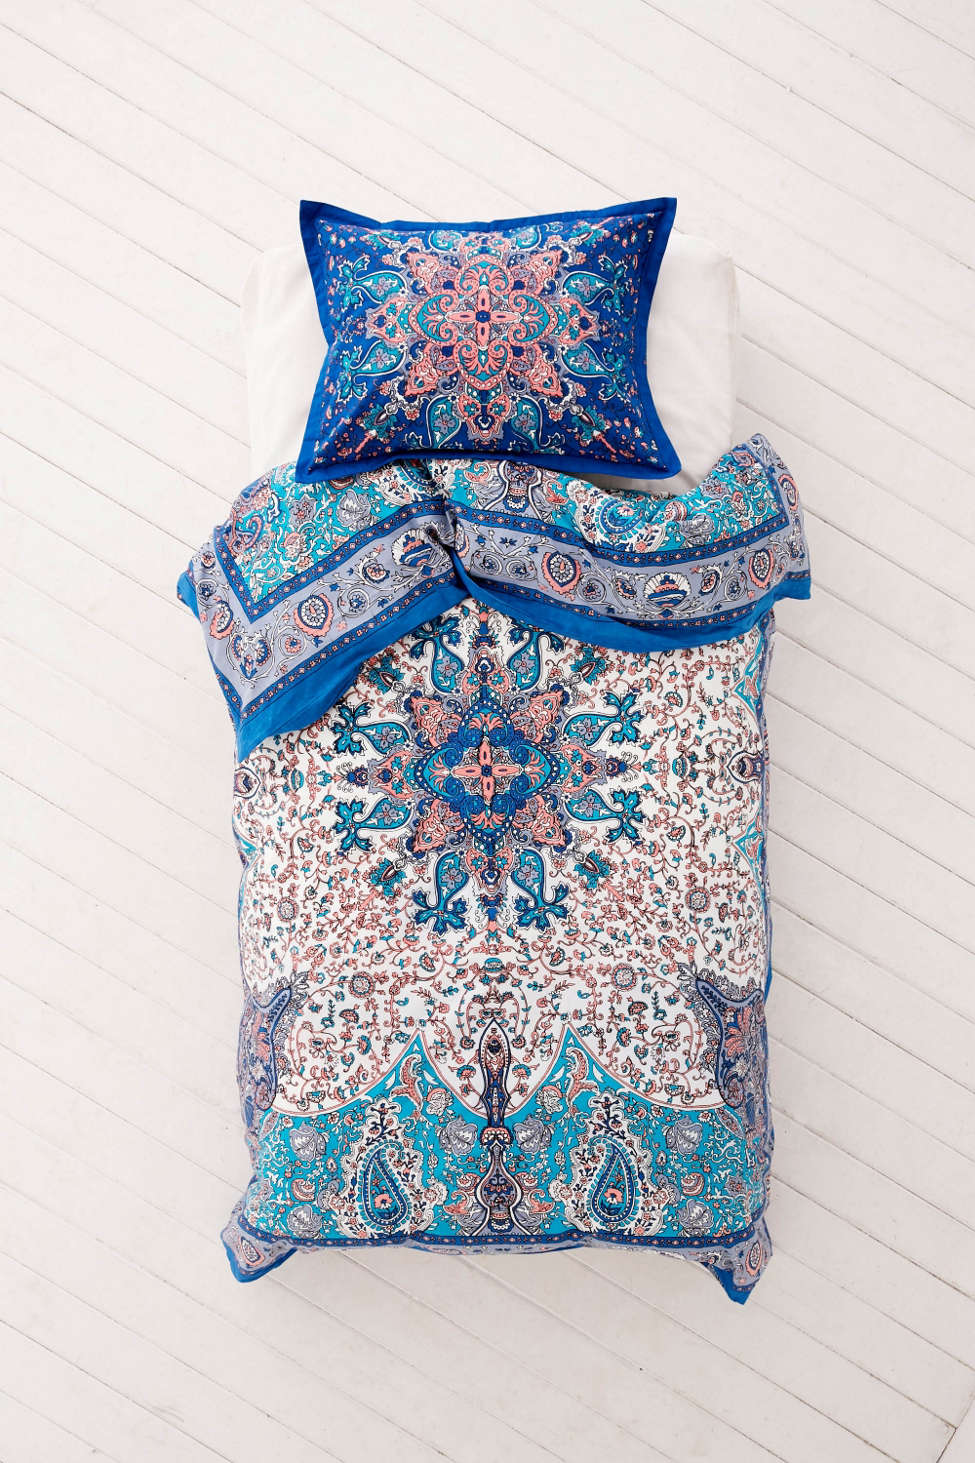 plum & bow dandeli medallion duvet cover | urban outfitters